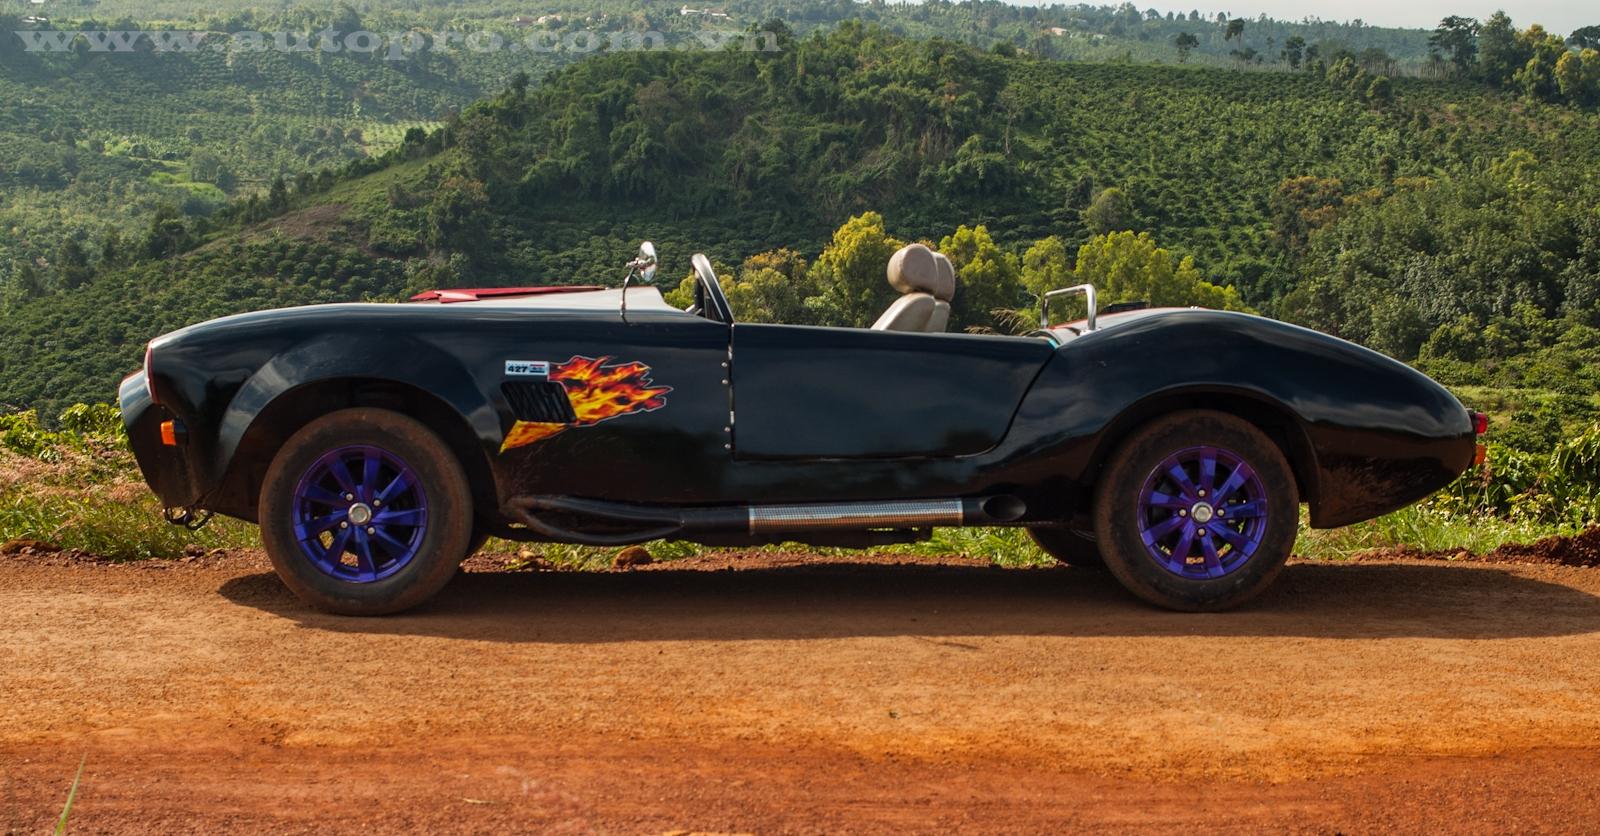 Shelby Cobra 427 tự chế của thợ Đắk Nông được làm từ chiếc Nissan Silvia đời 1984 mua lại với giá 70 triệu Đồng.